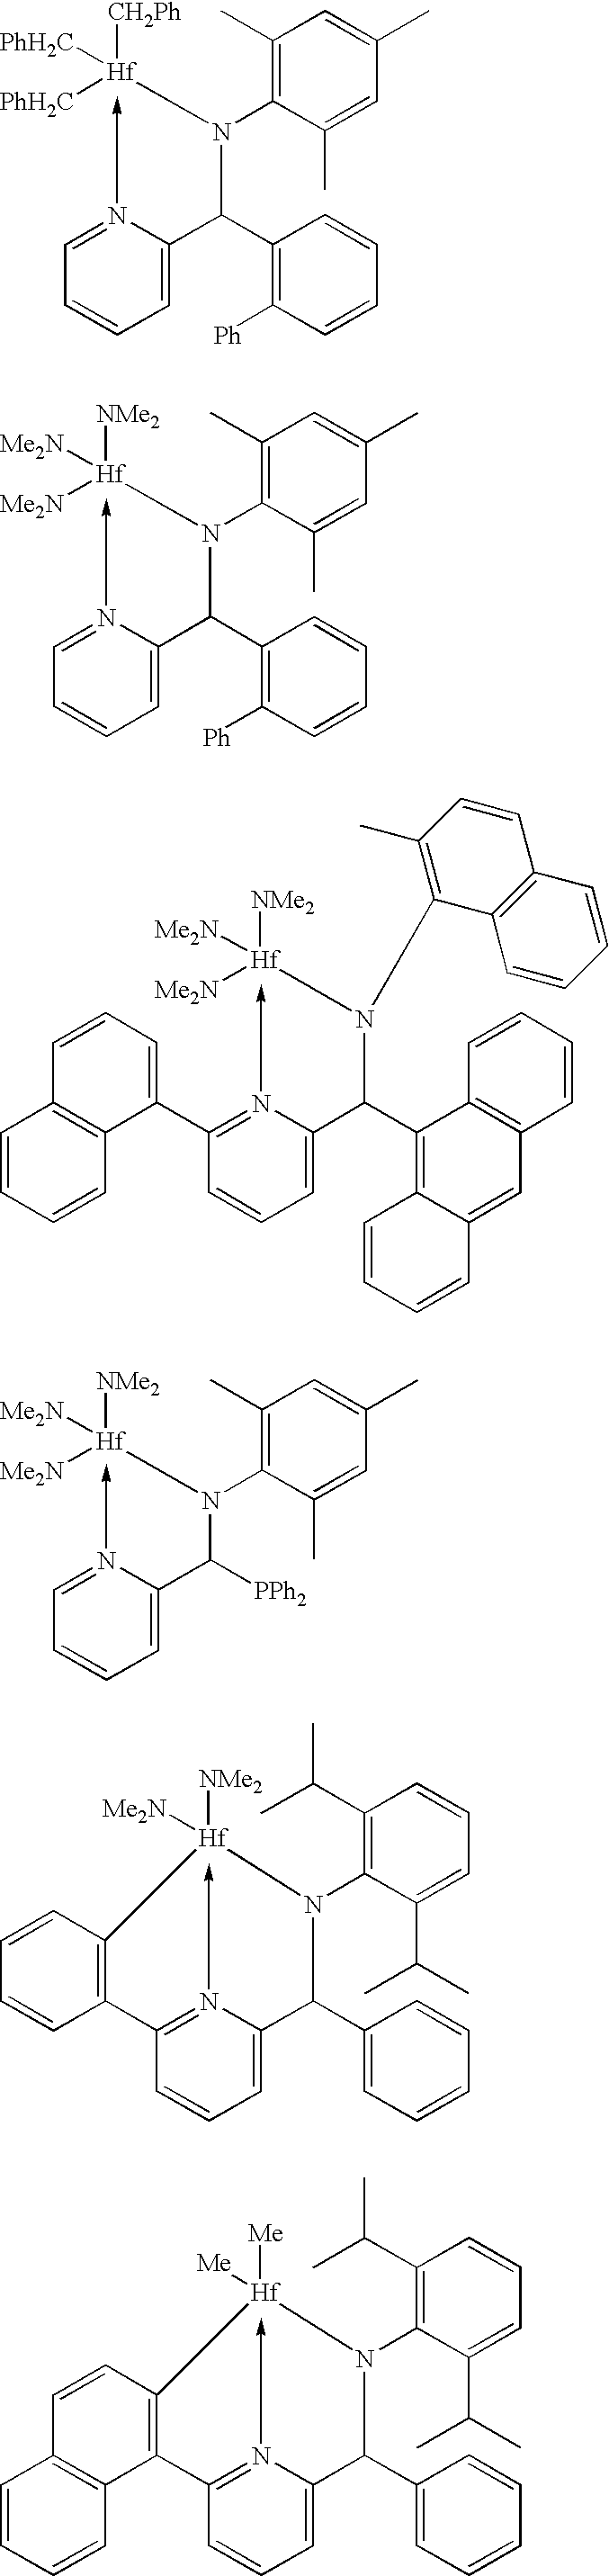 Figure US06900321-20050531-C00068